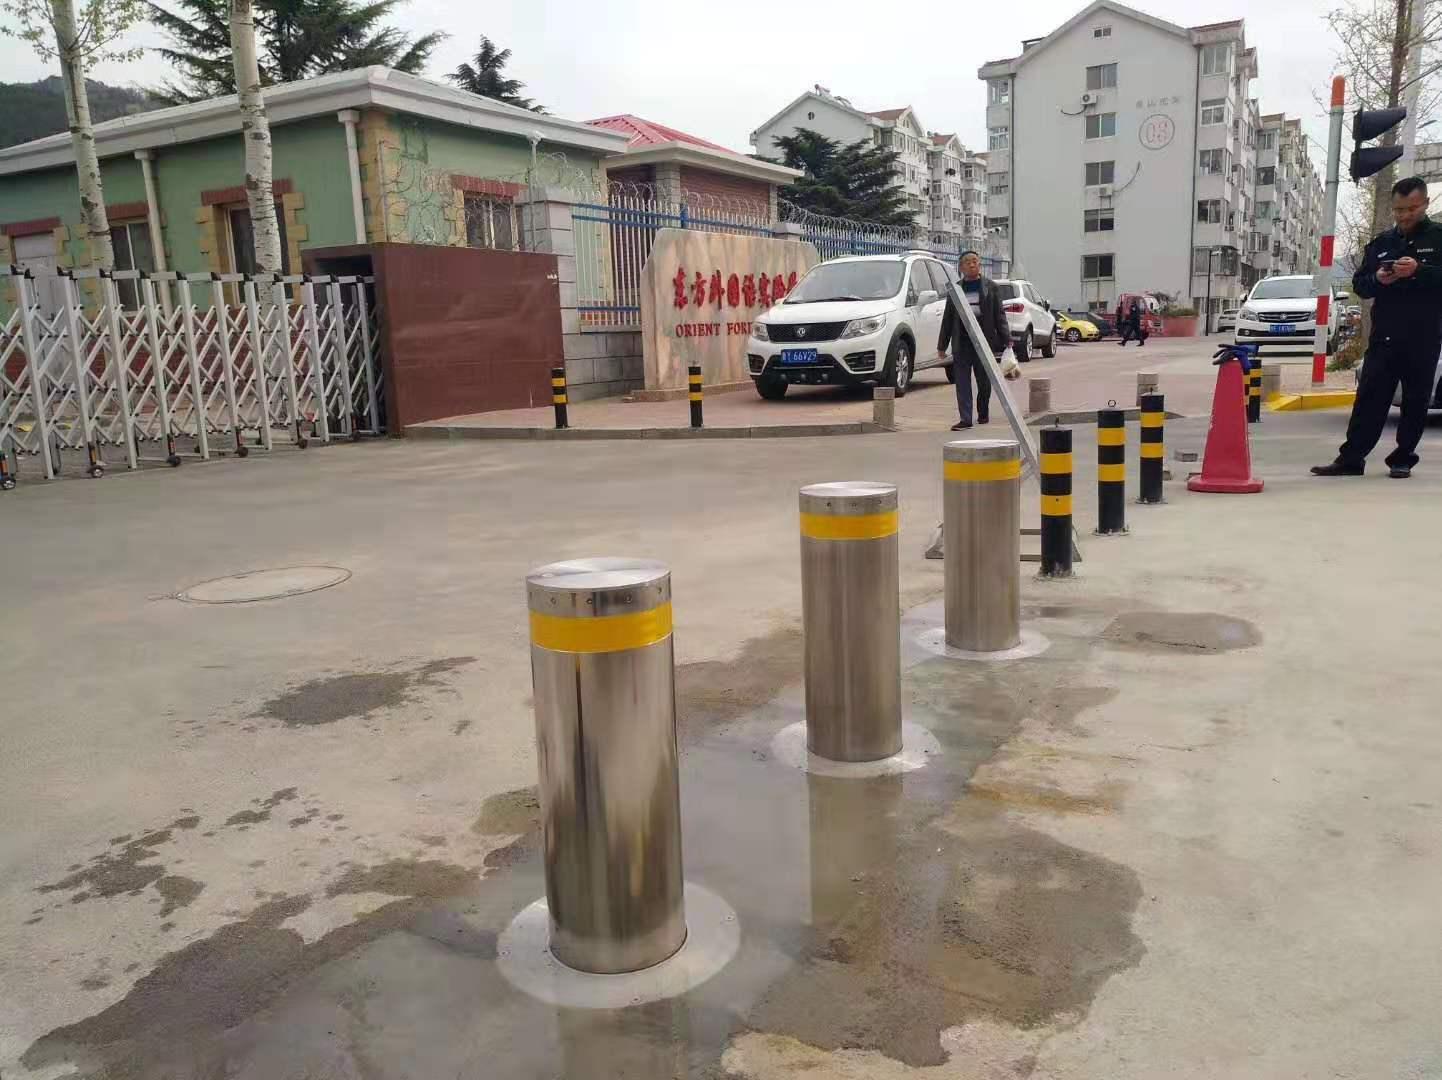 山東煙臺市東方外國語實驗學校安全防撞升降路樁項目完成